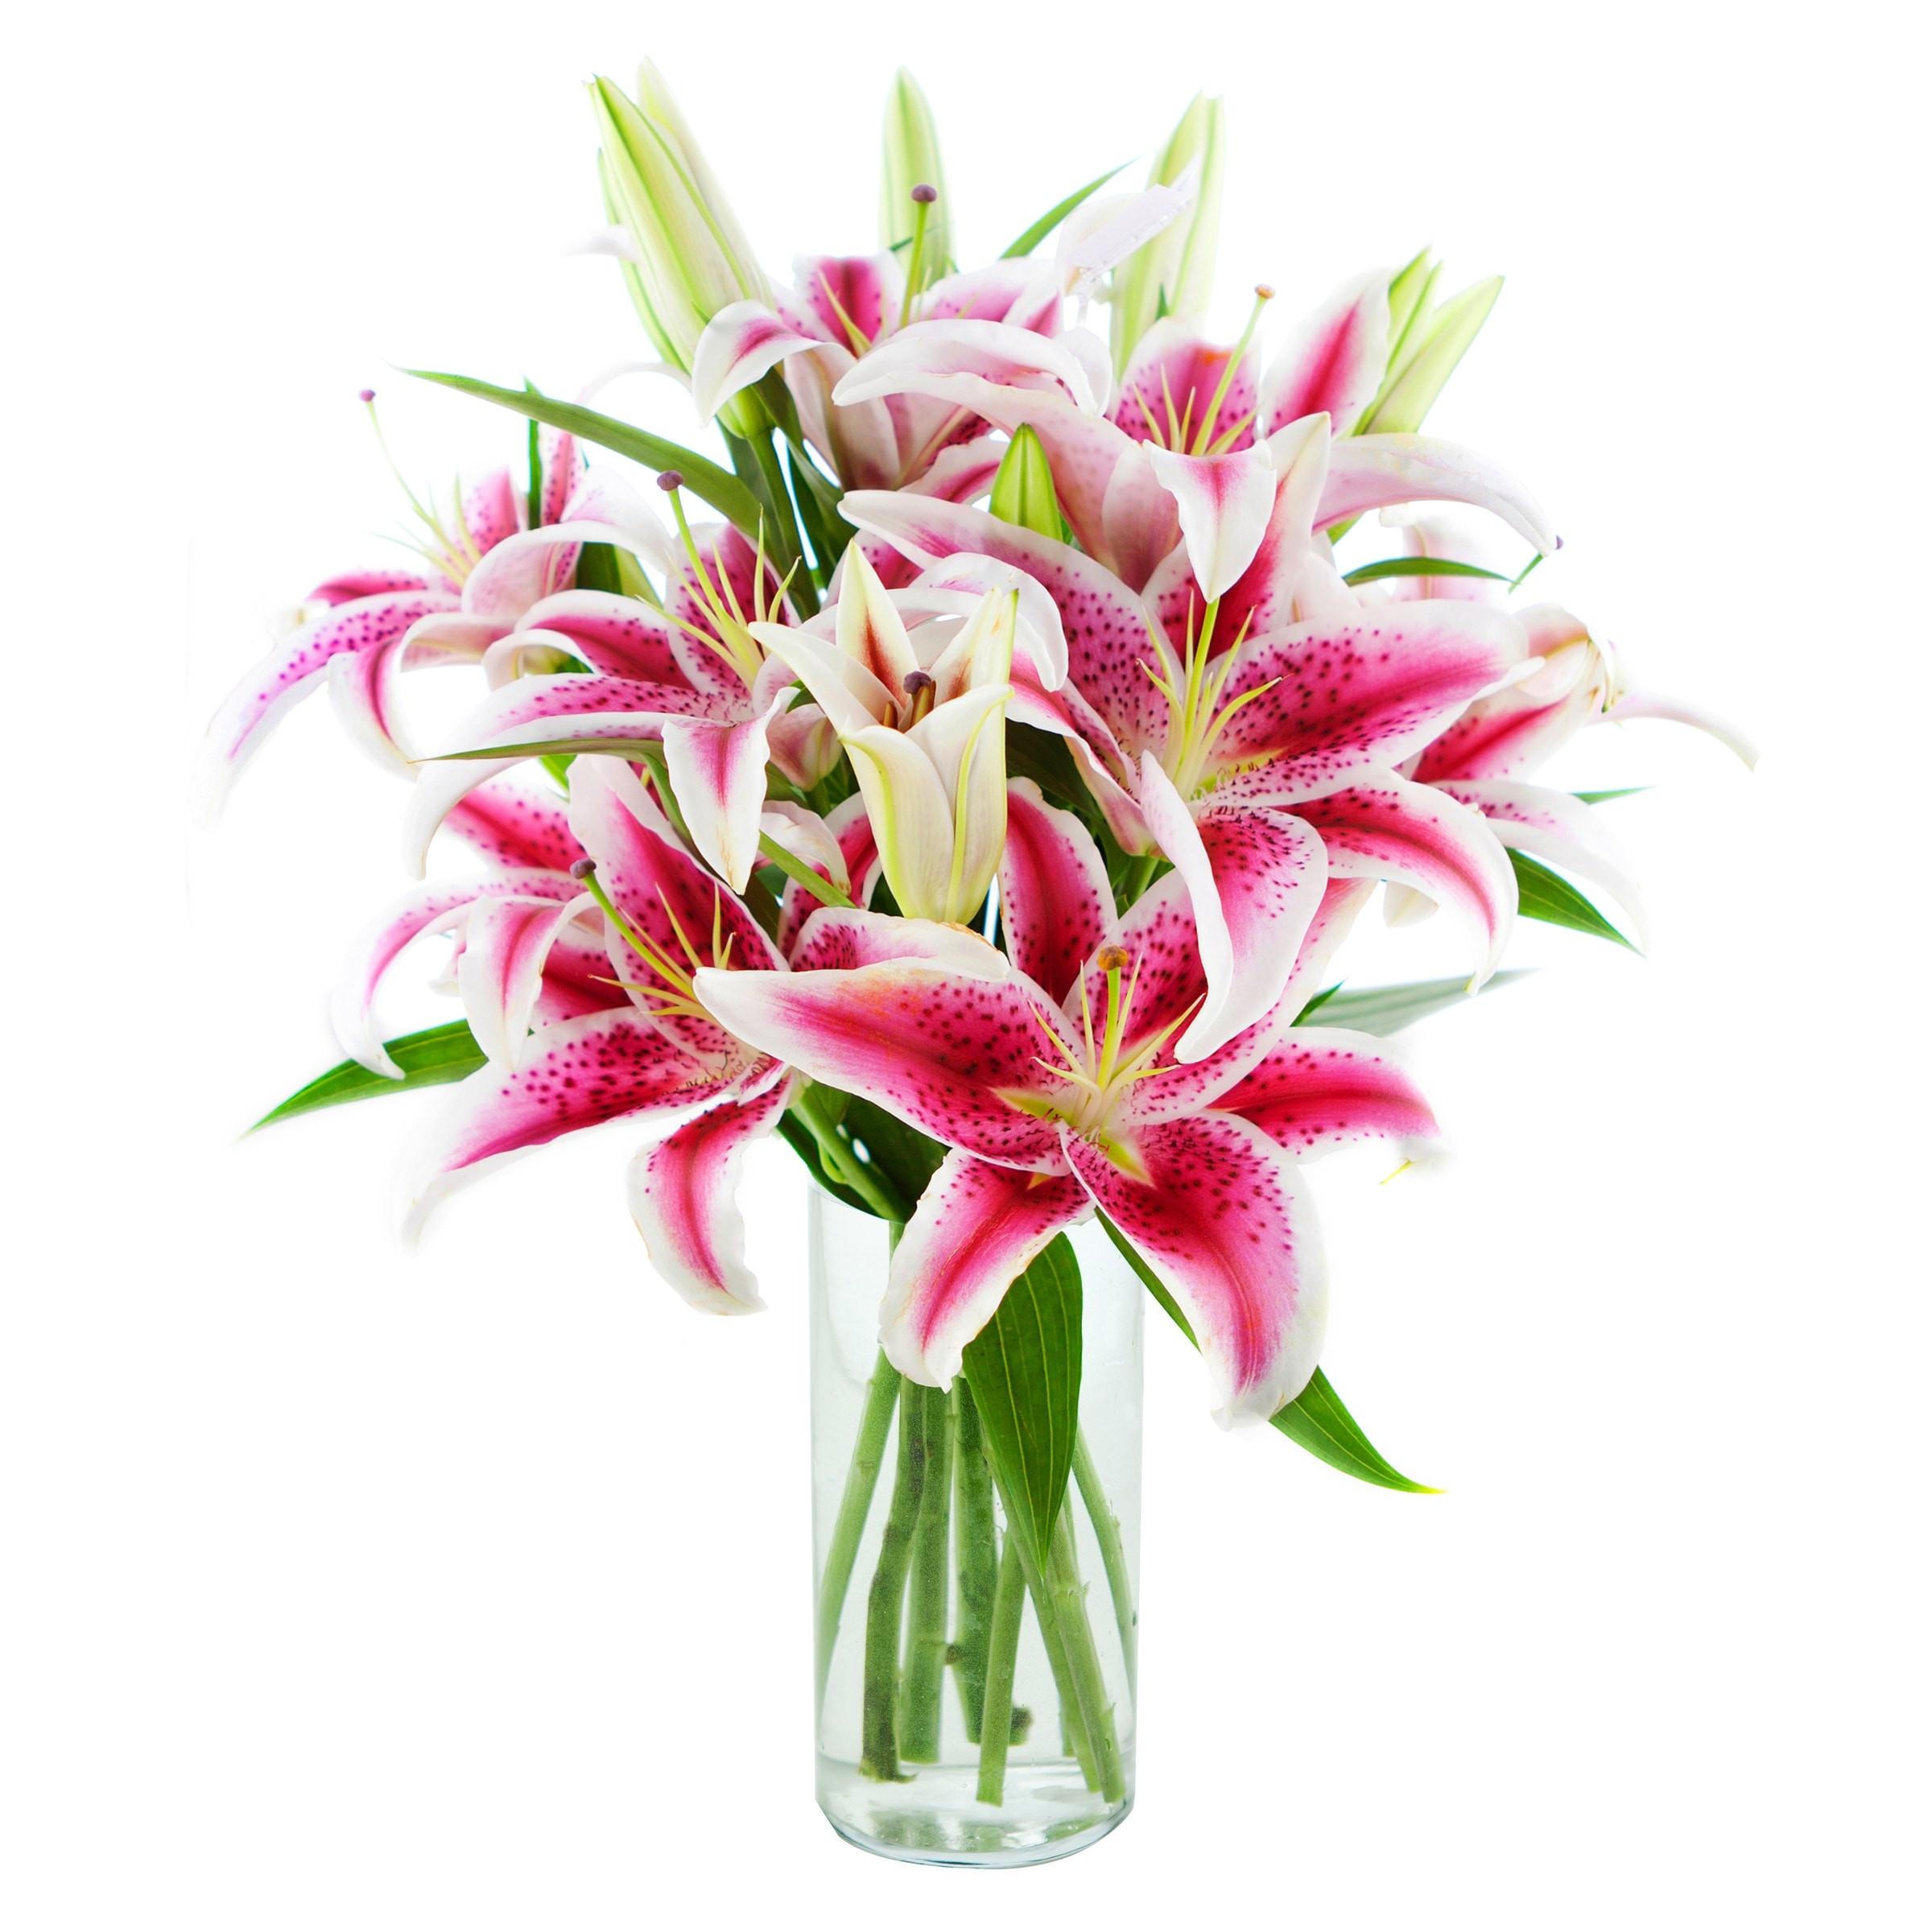 Main 36h Vases Vase Lilies I 0d Vaselines Band Wiki son A Gun Scheme Lilies